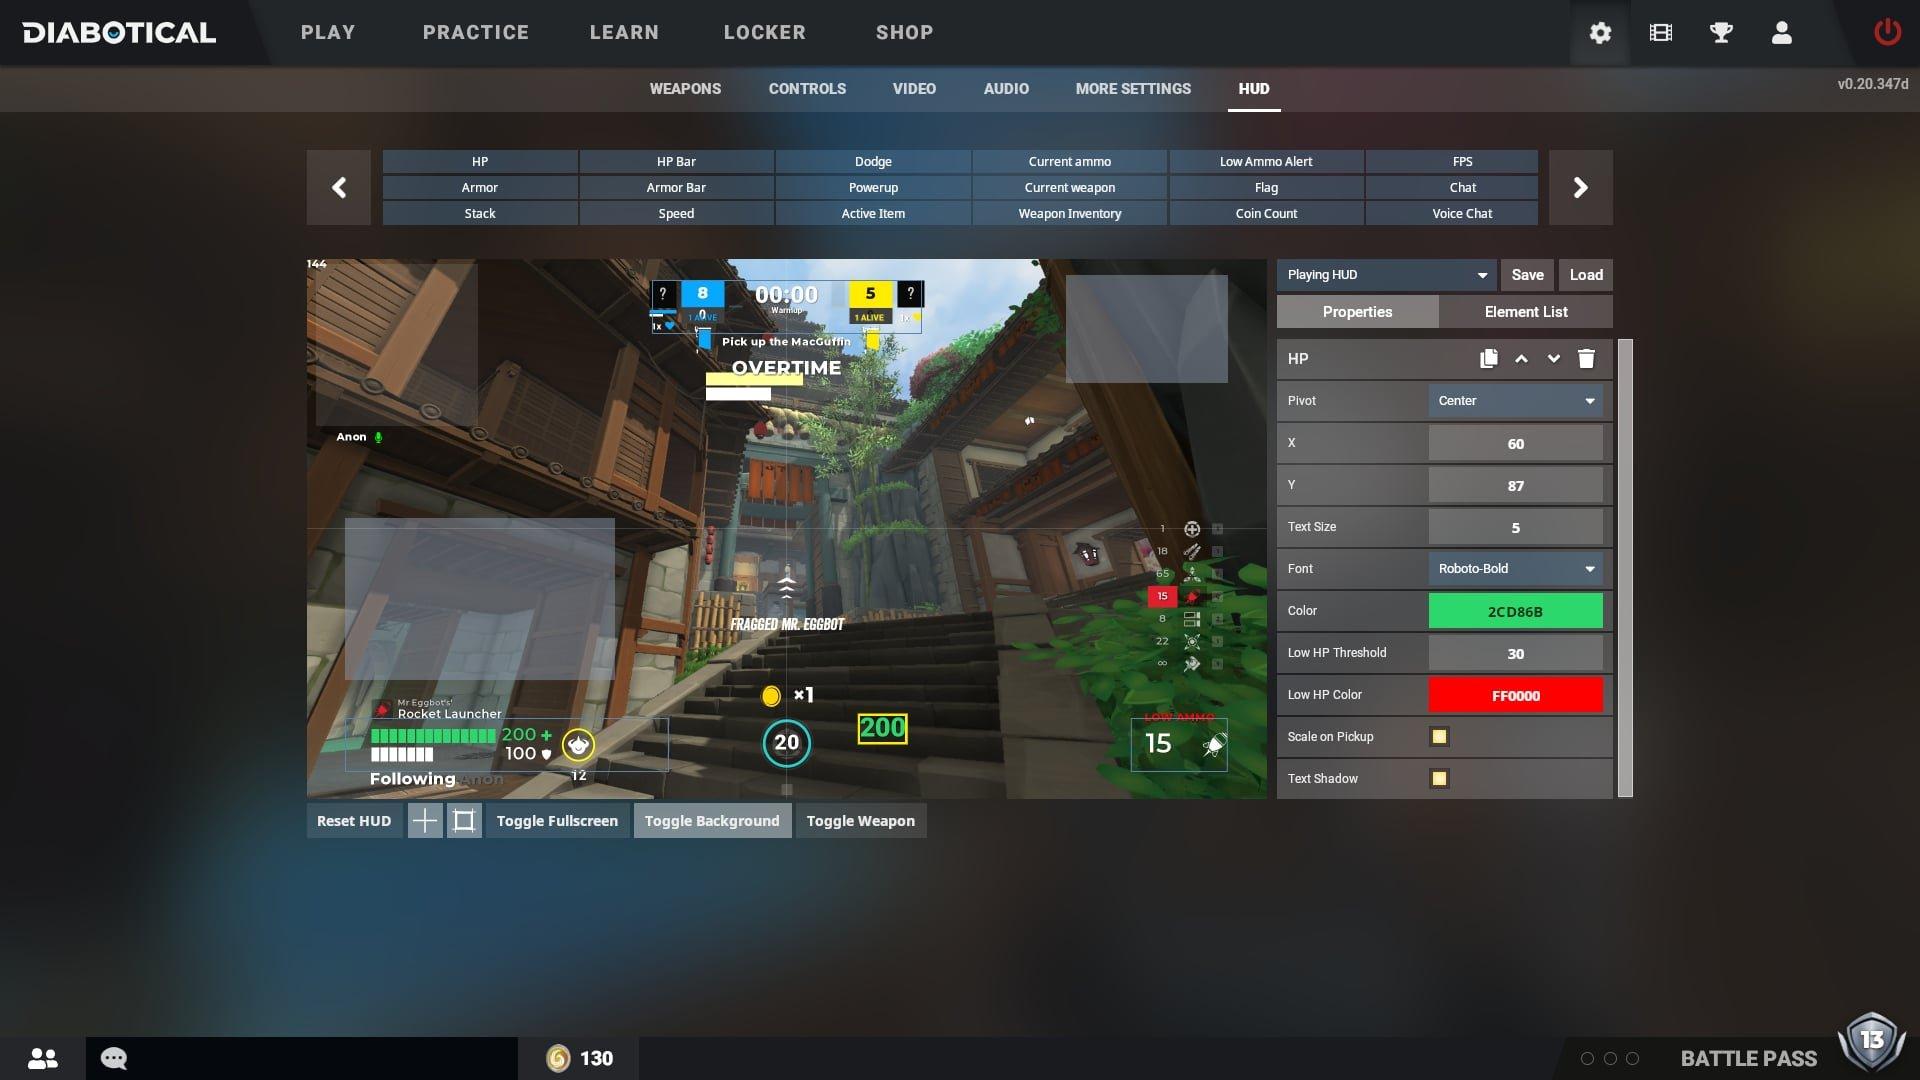 Diabotical Gameplay HUD Editor UI